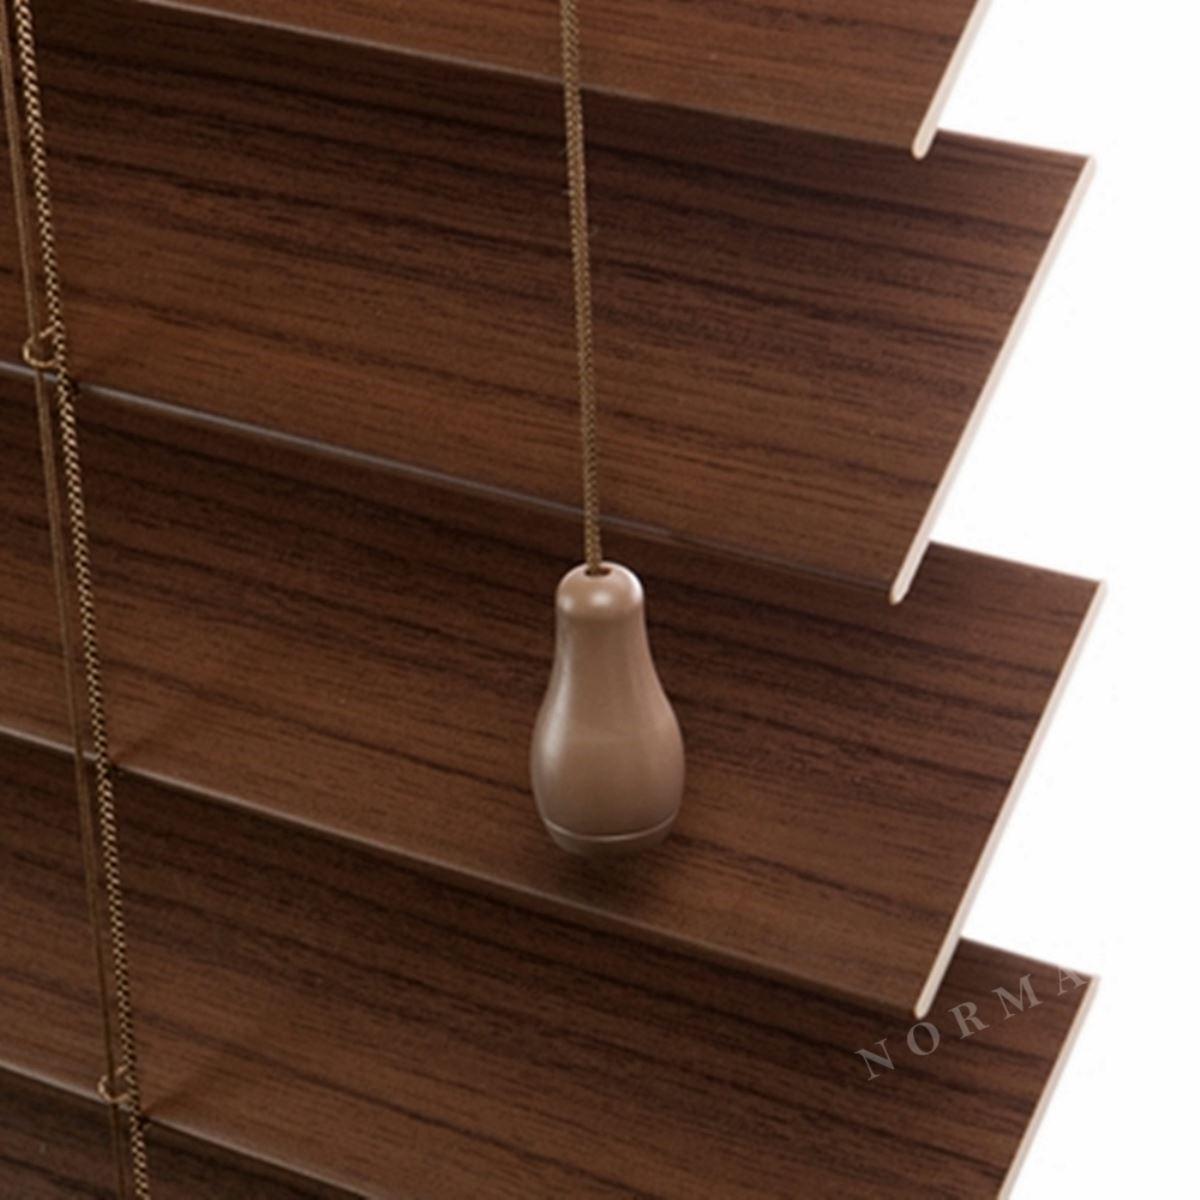 實木百葉簾為鳳凰木材質